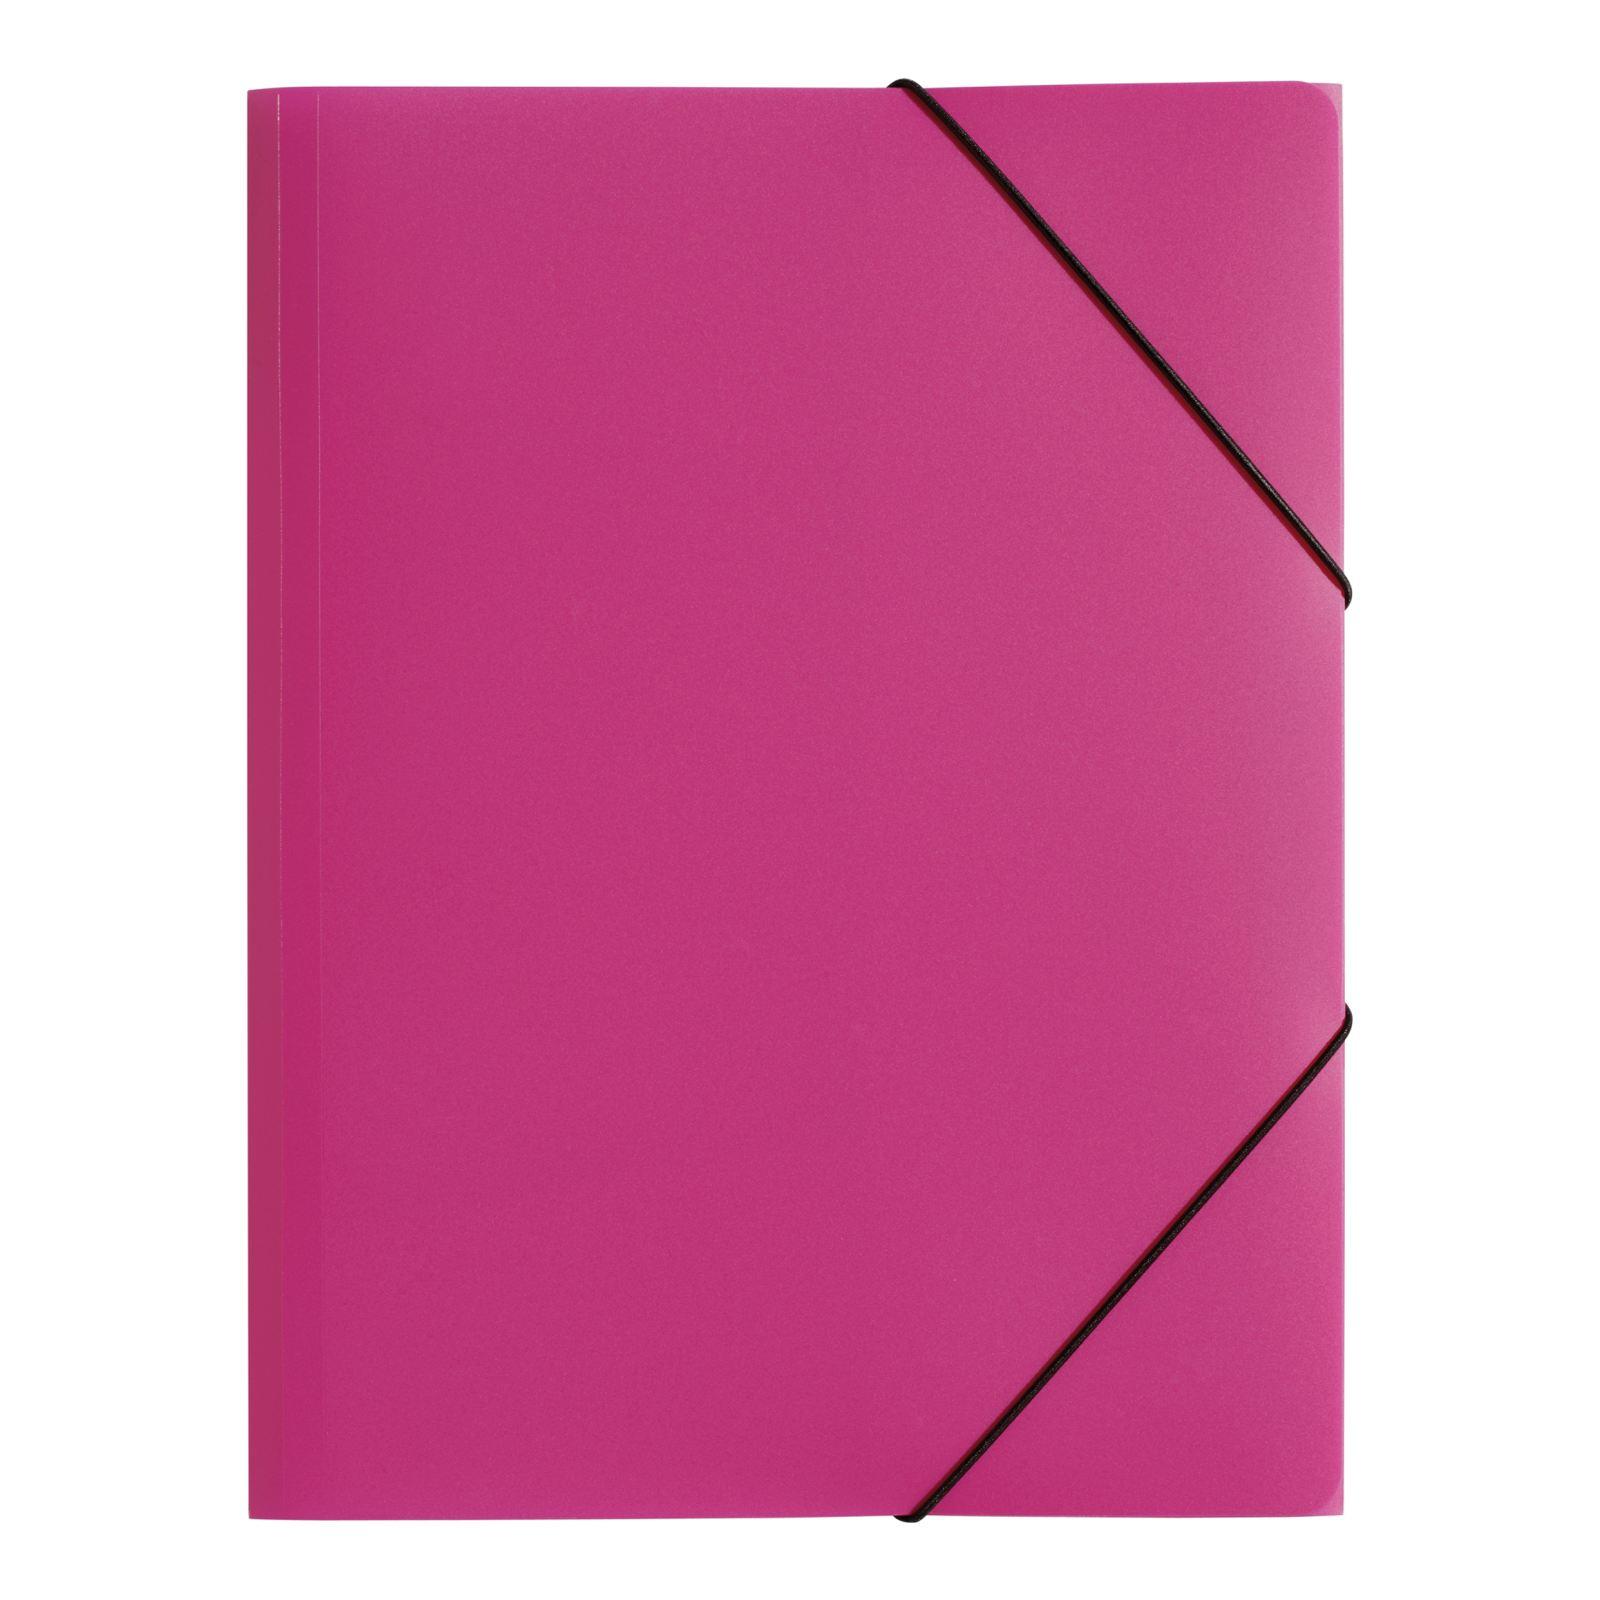 Pagna 21638-34 - A3 - Polypropylen (PP) - Pink - Gummiband - 5 Stück(e)